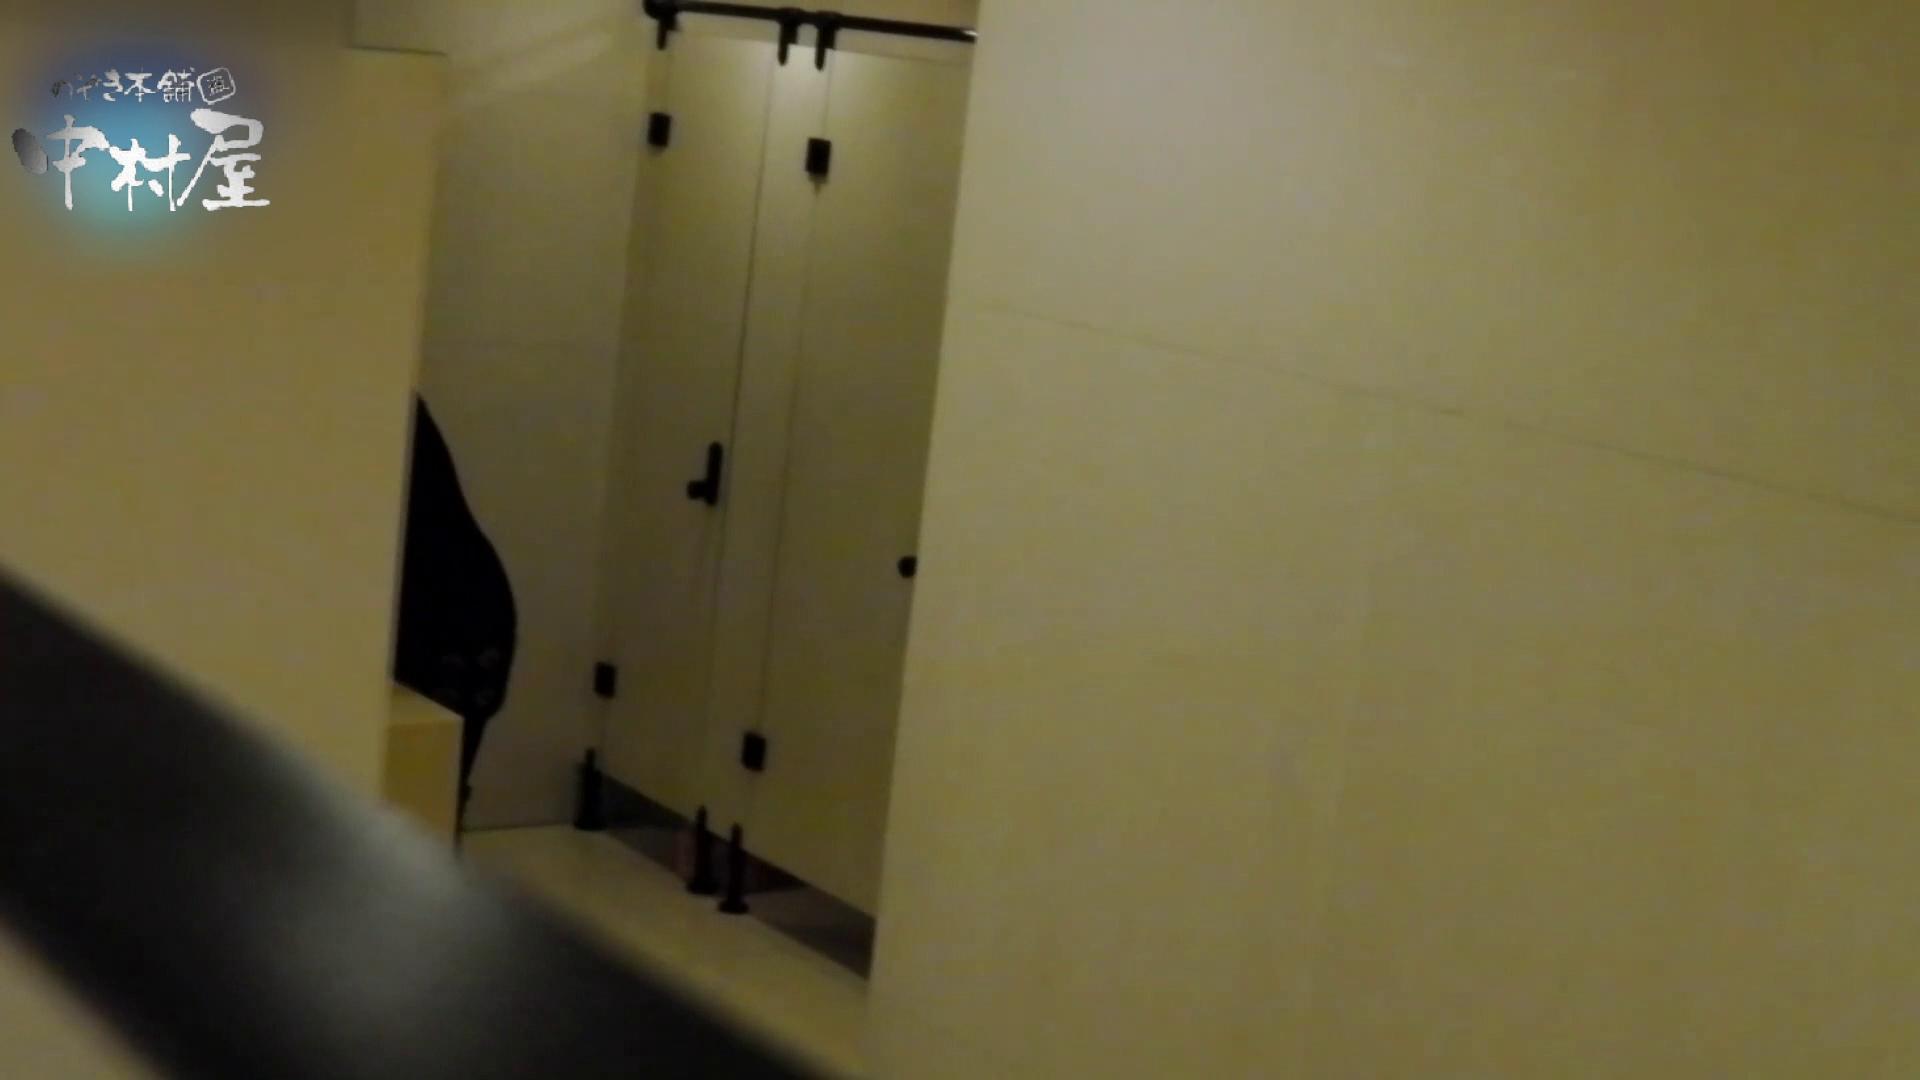 乙女集まる!ショッピングモール潜入撮vol.02 0   トイレの中の女の子  20連発 1